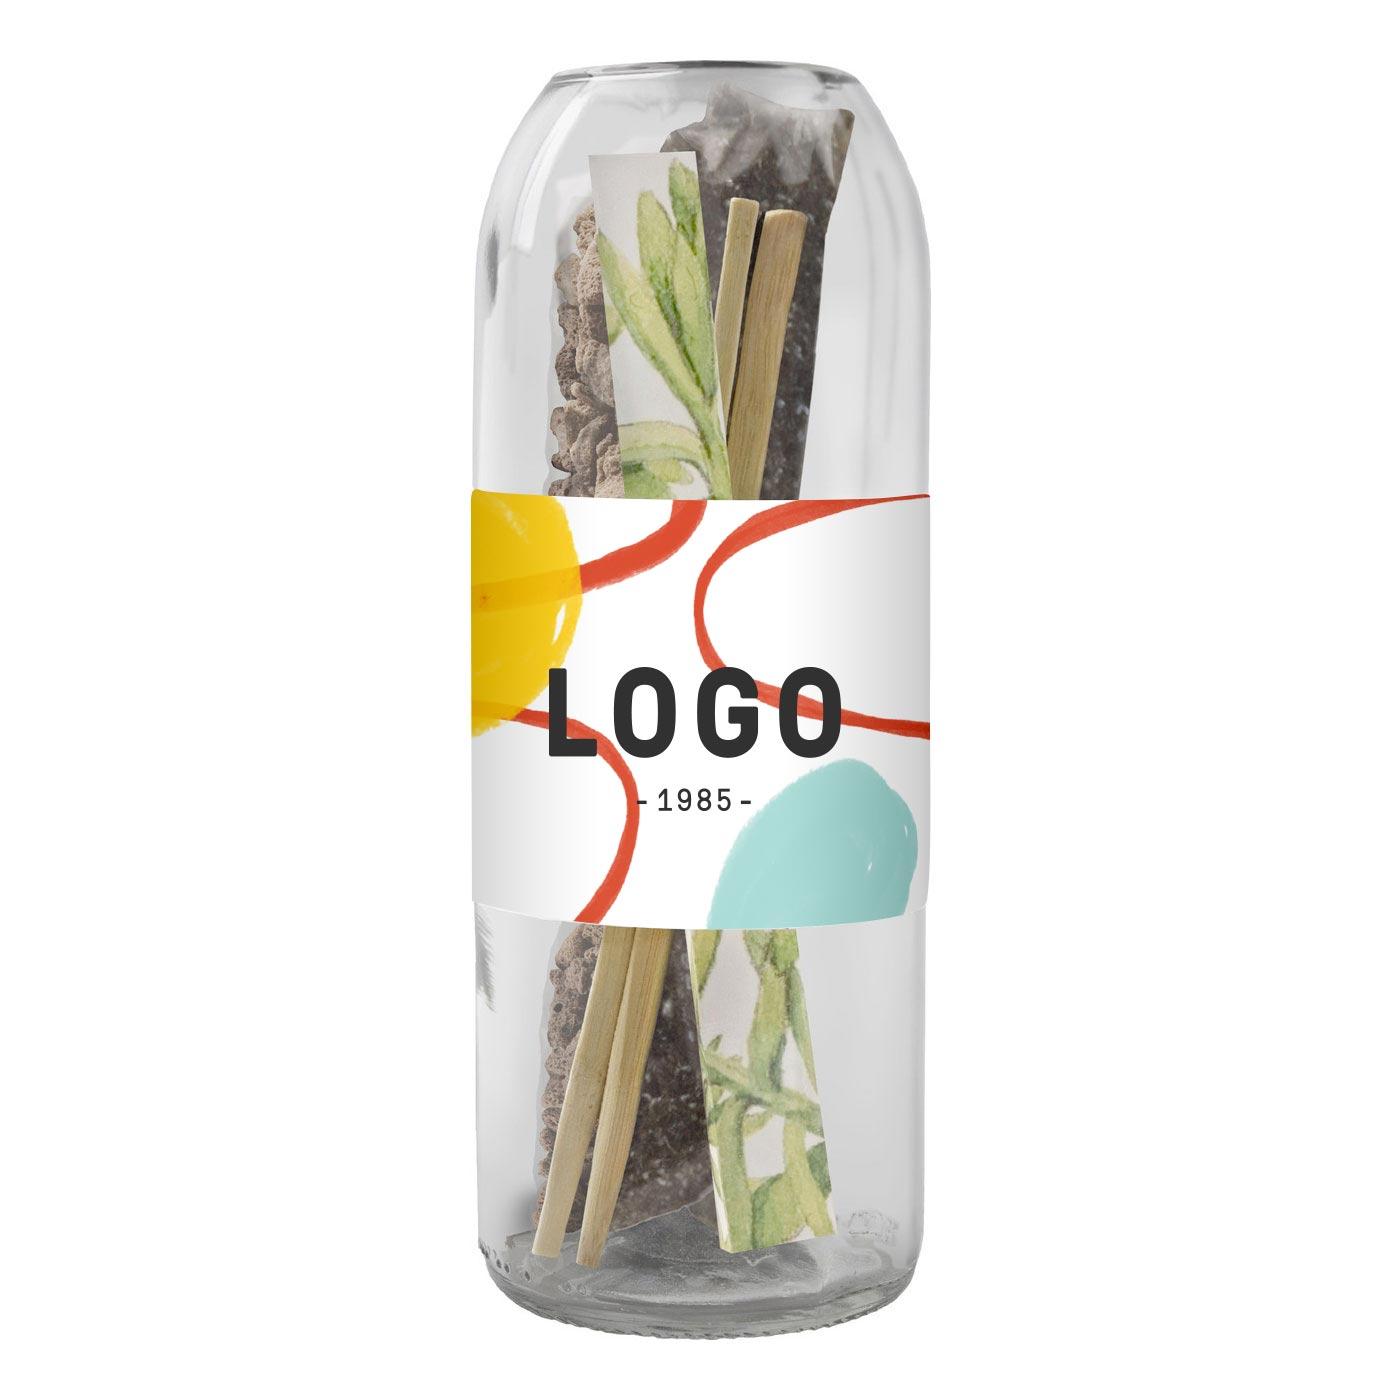 130193 bottle terrarium sedum one color one location imprint full color label